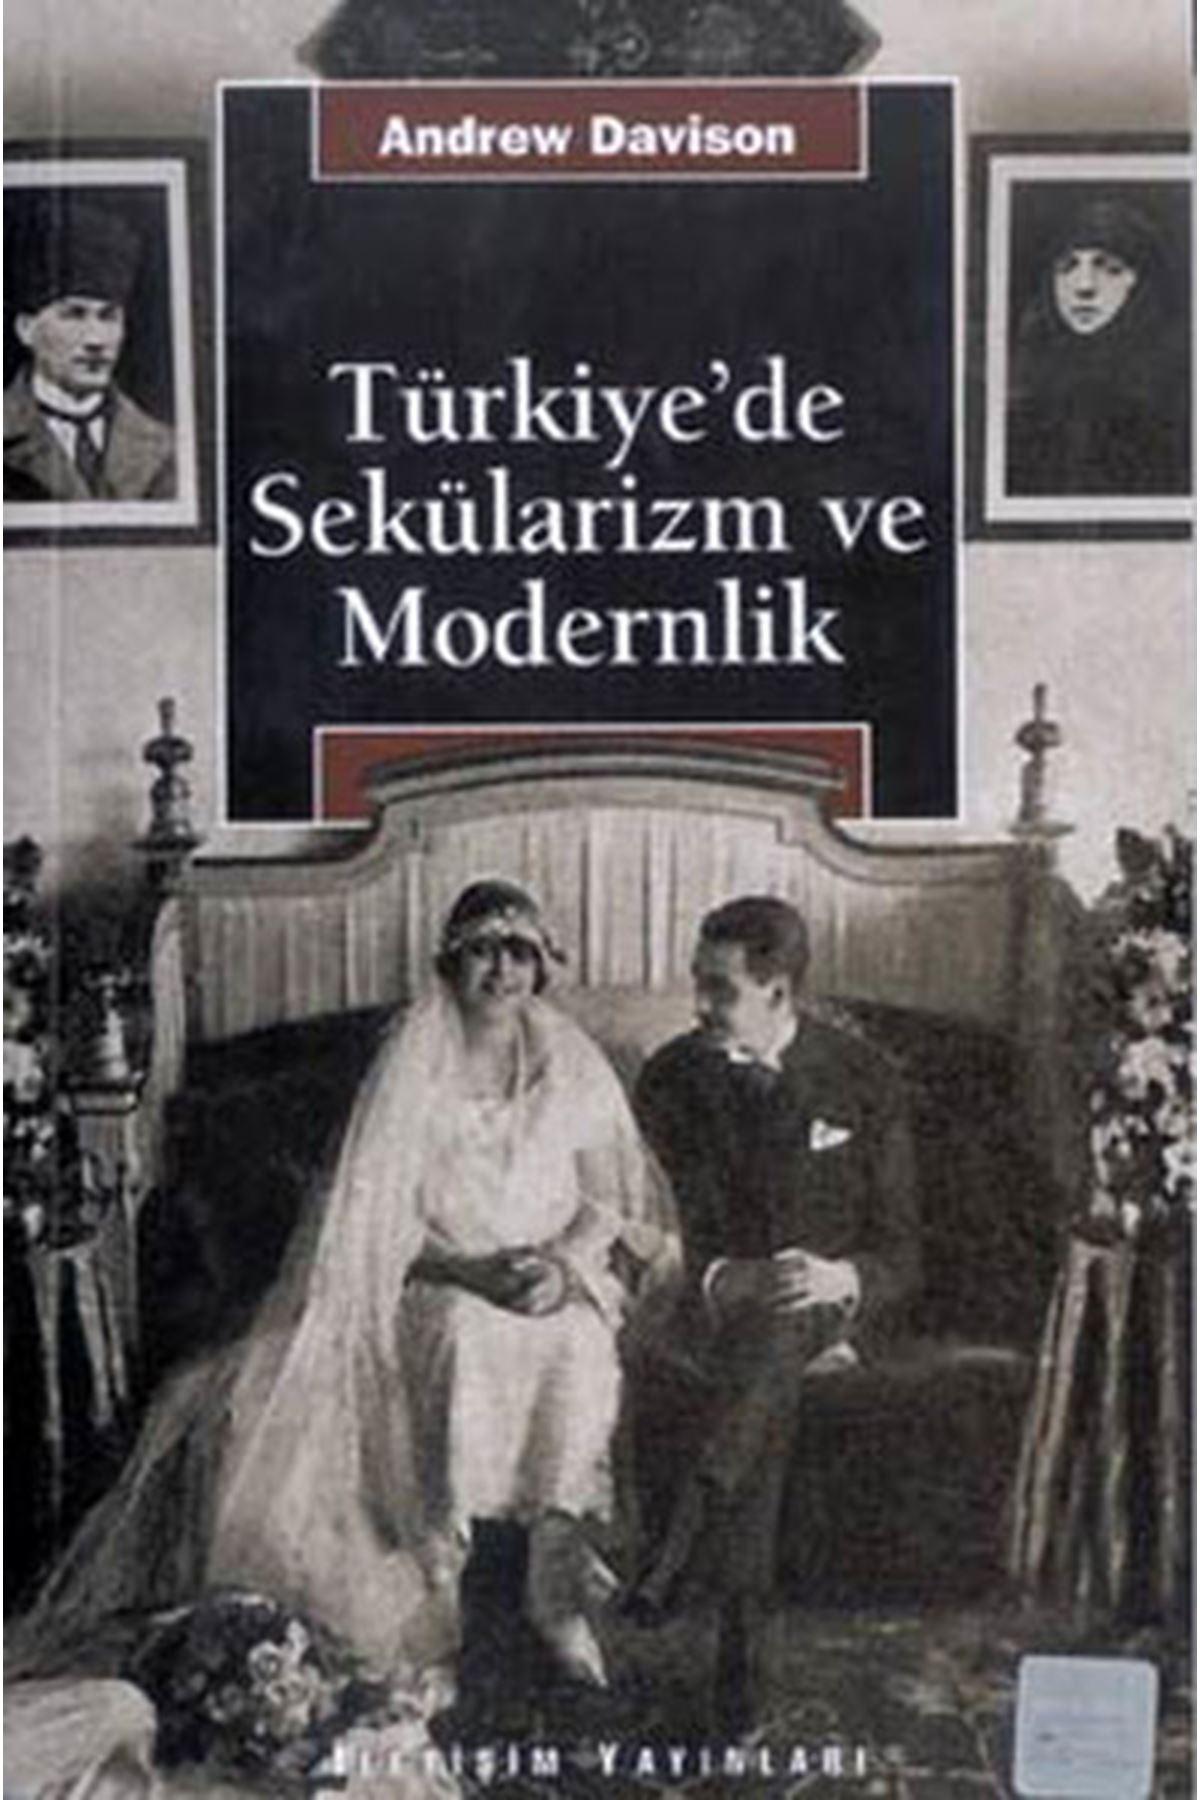 ANDREW DAVİSON - TÜRKİYE'DE SEKÜLARİZM VE MODERNLİK